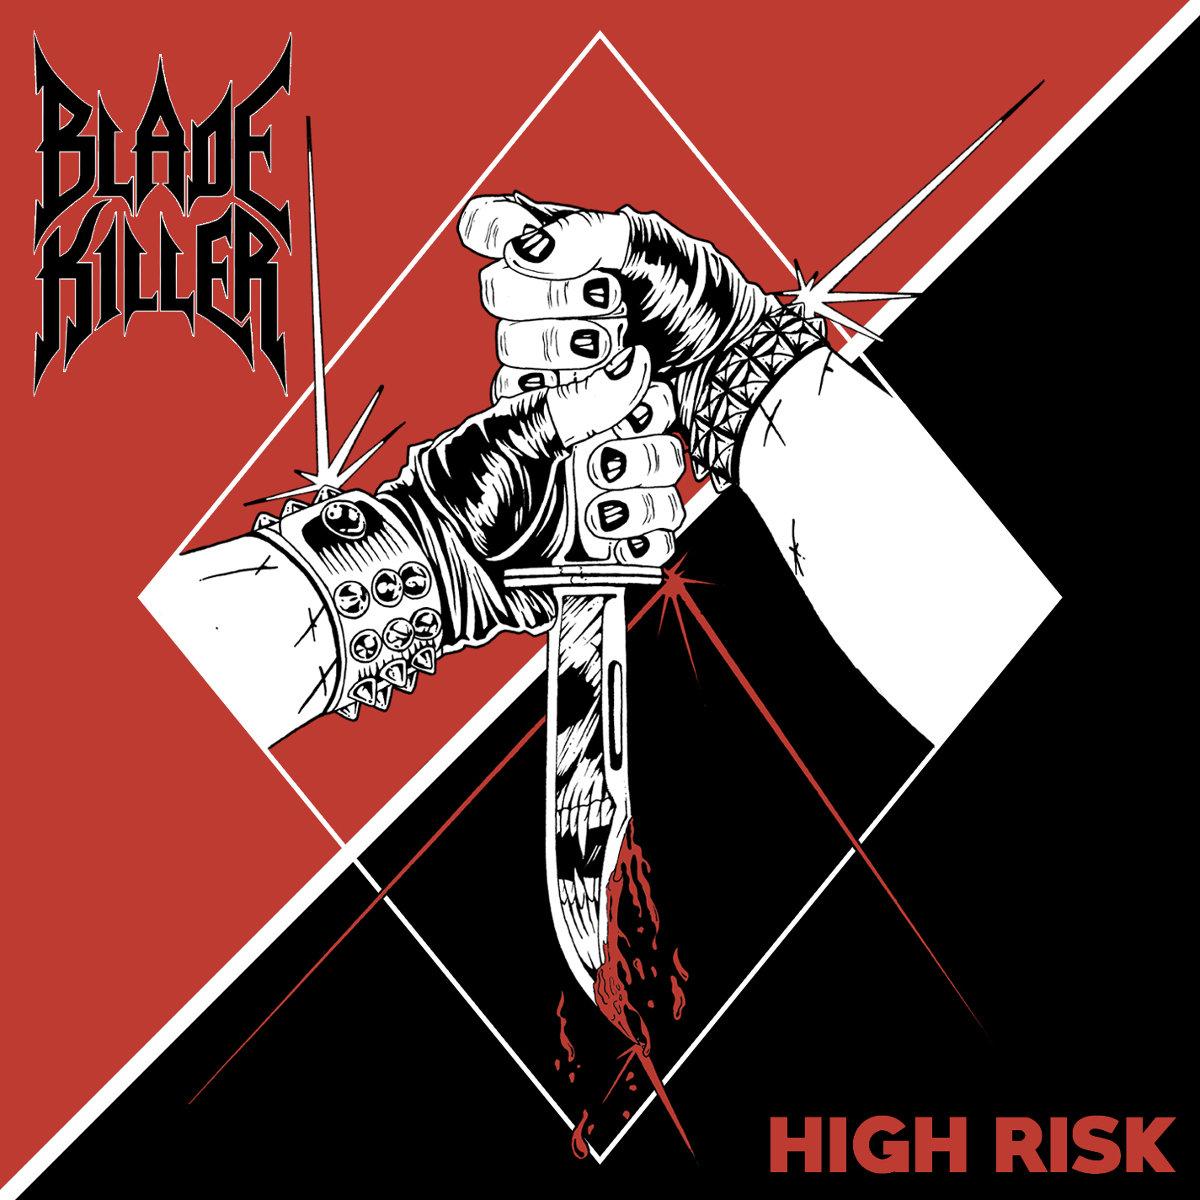 High Risk | Blade Killer